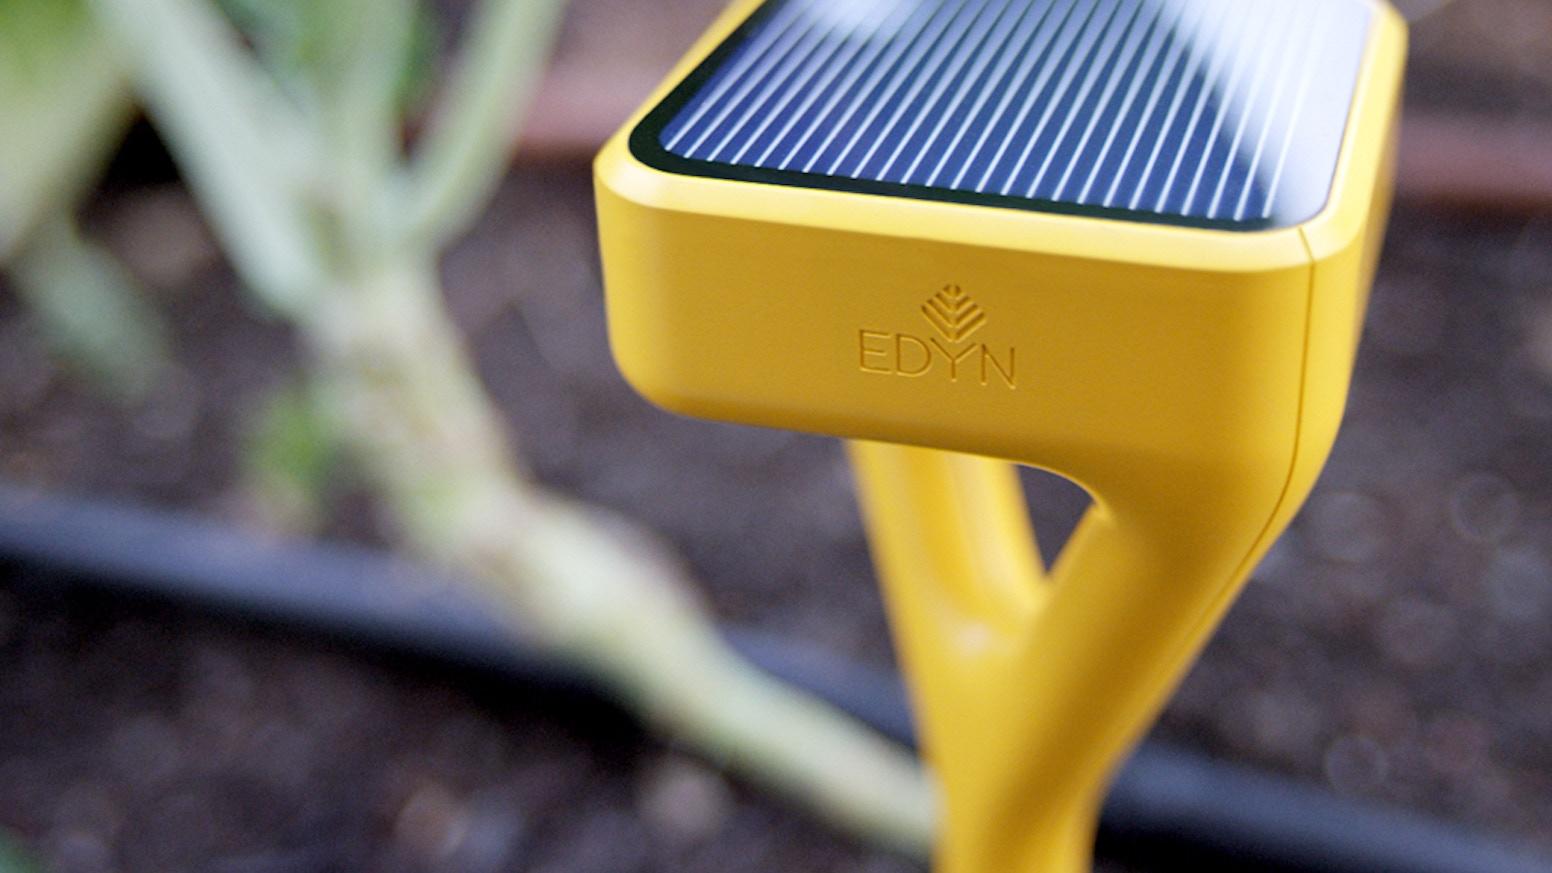 edyn welcome to the connected garden - Edyn Garden Sensor